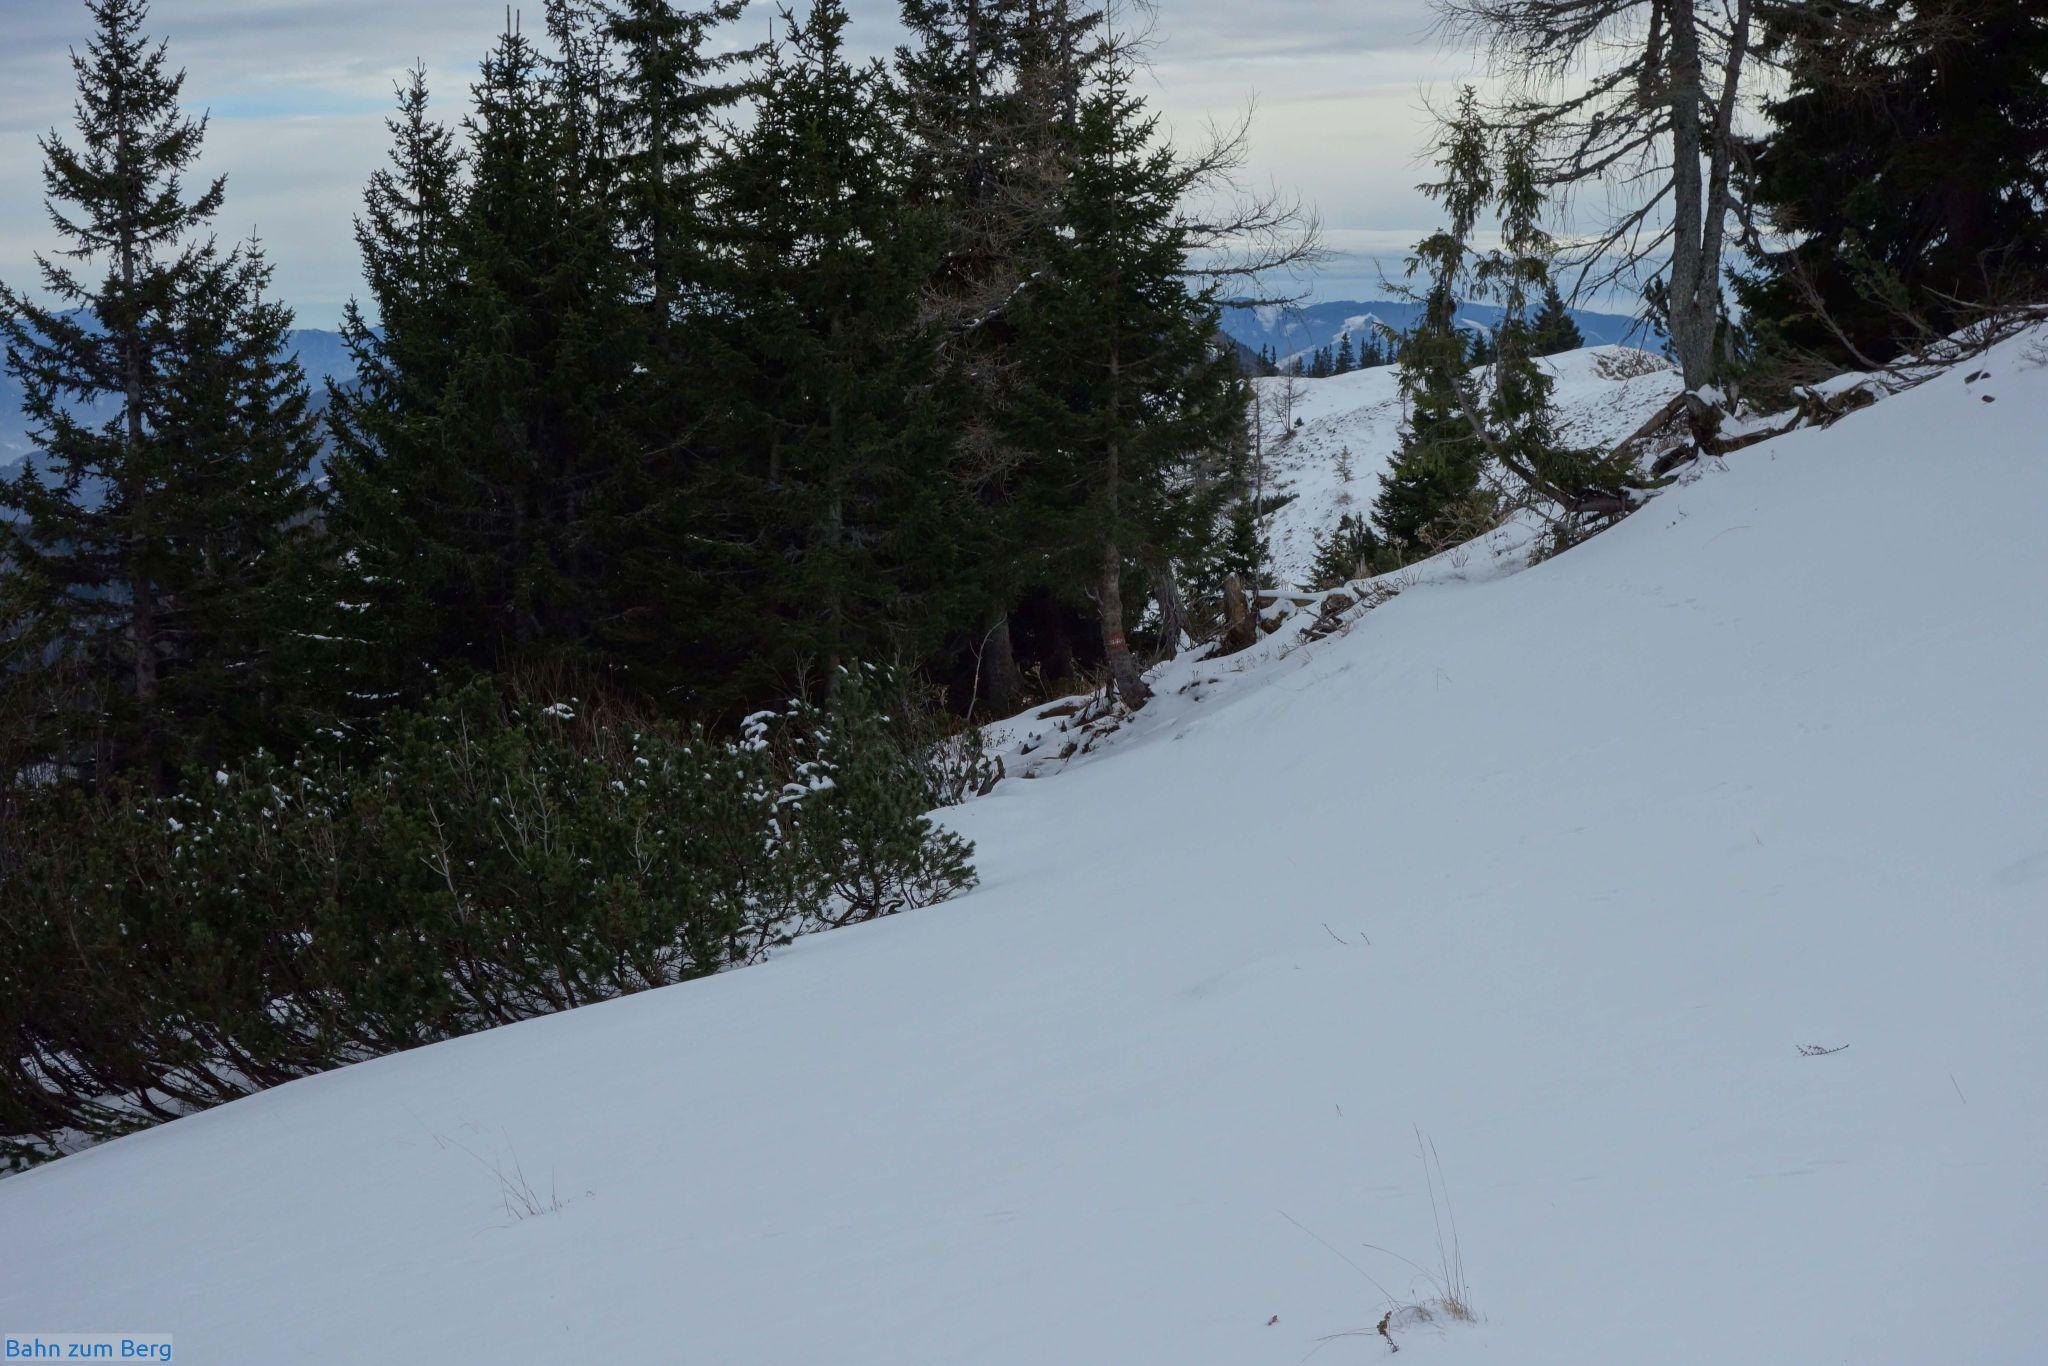 Über die erste Markierung seit langem (am Stamm des Bäumchens in der Mitte) freue ich mich umso mehr, als ich zu diesem Zeitpunkt ein imaginäres Zwiegespräch mit dem Fuchs führe, ob er mich mit seiner Spur eh richtig leitet.